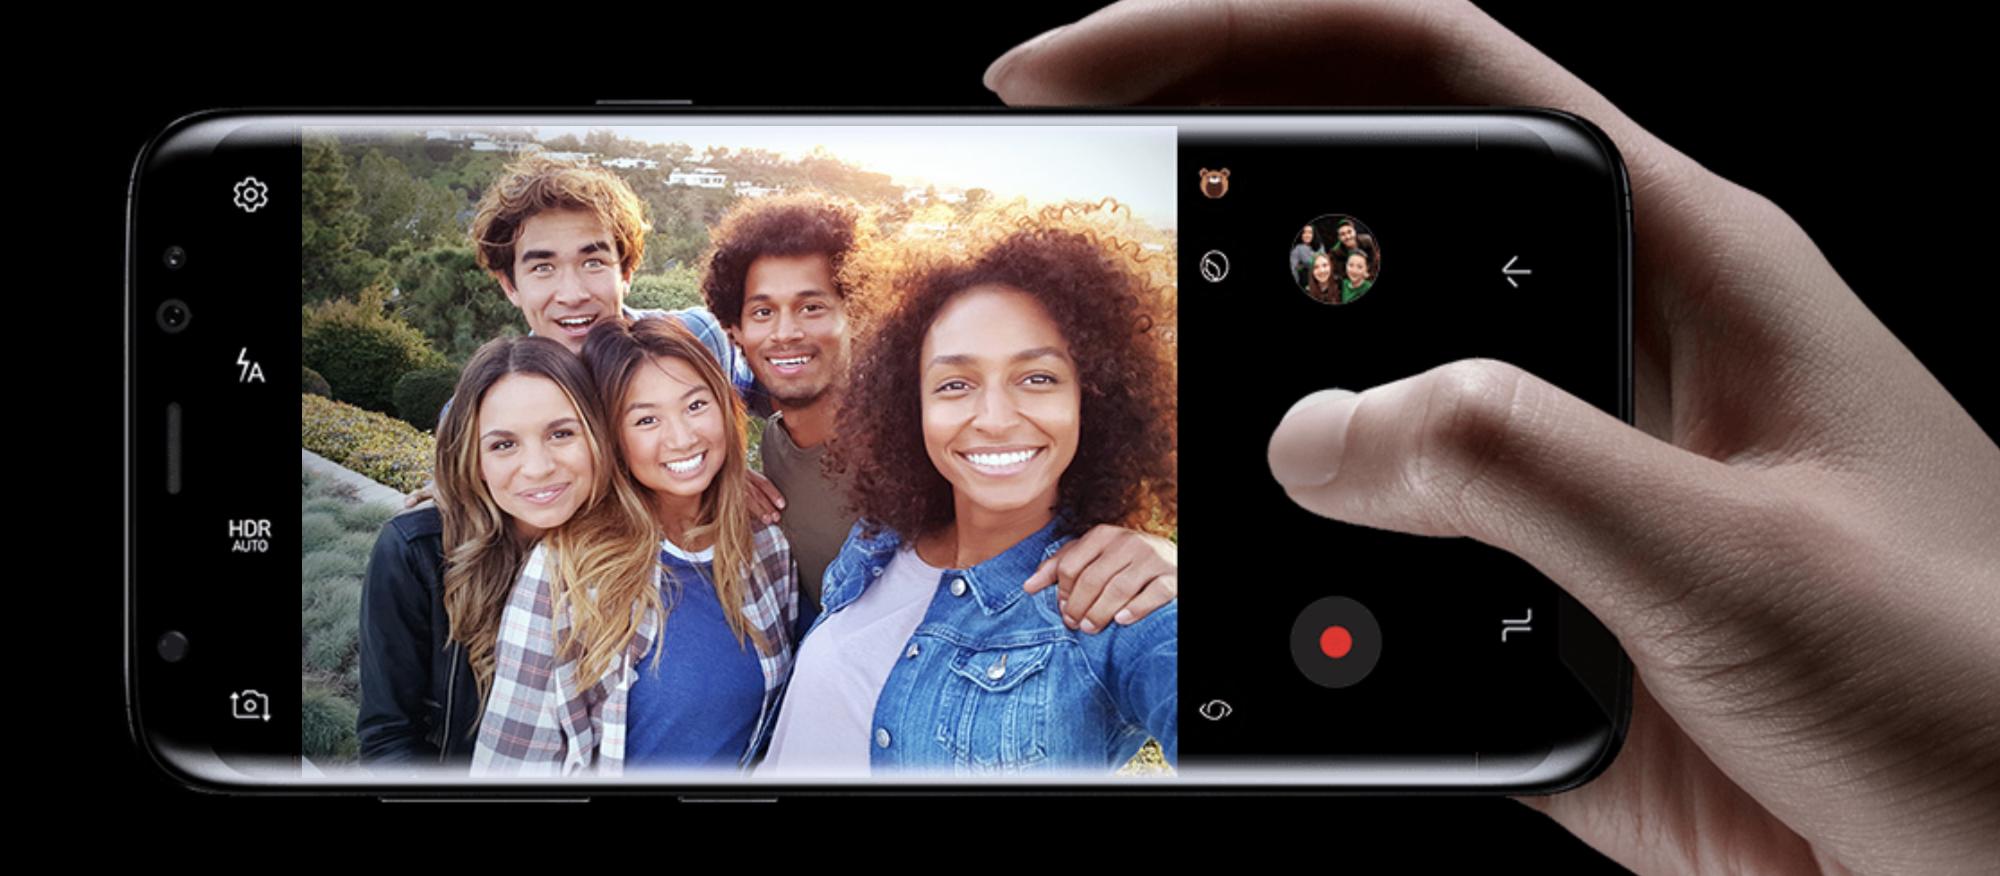 Note 8 får mye bedre kameraer enn Galaxy S8, hevder koreansk avis.